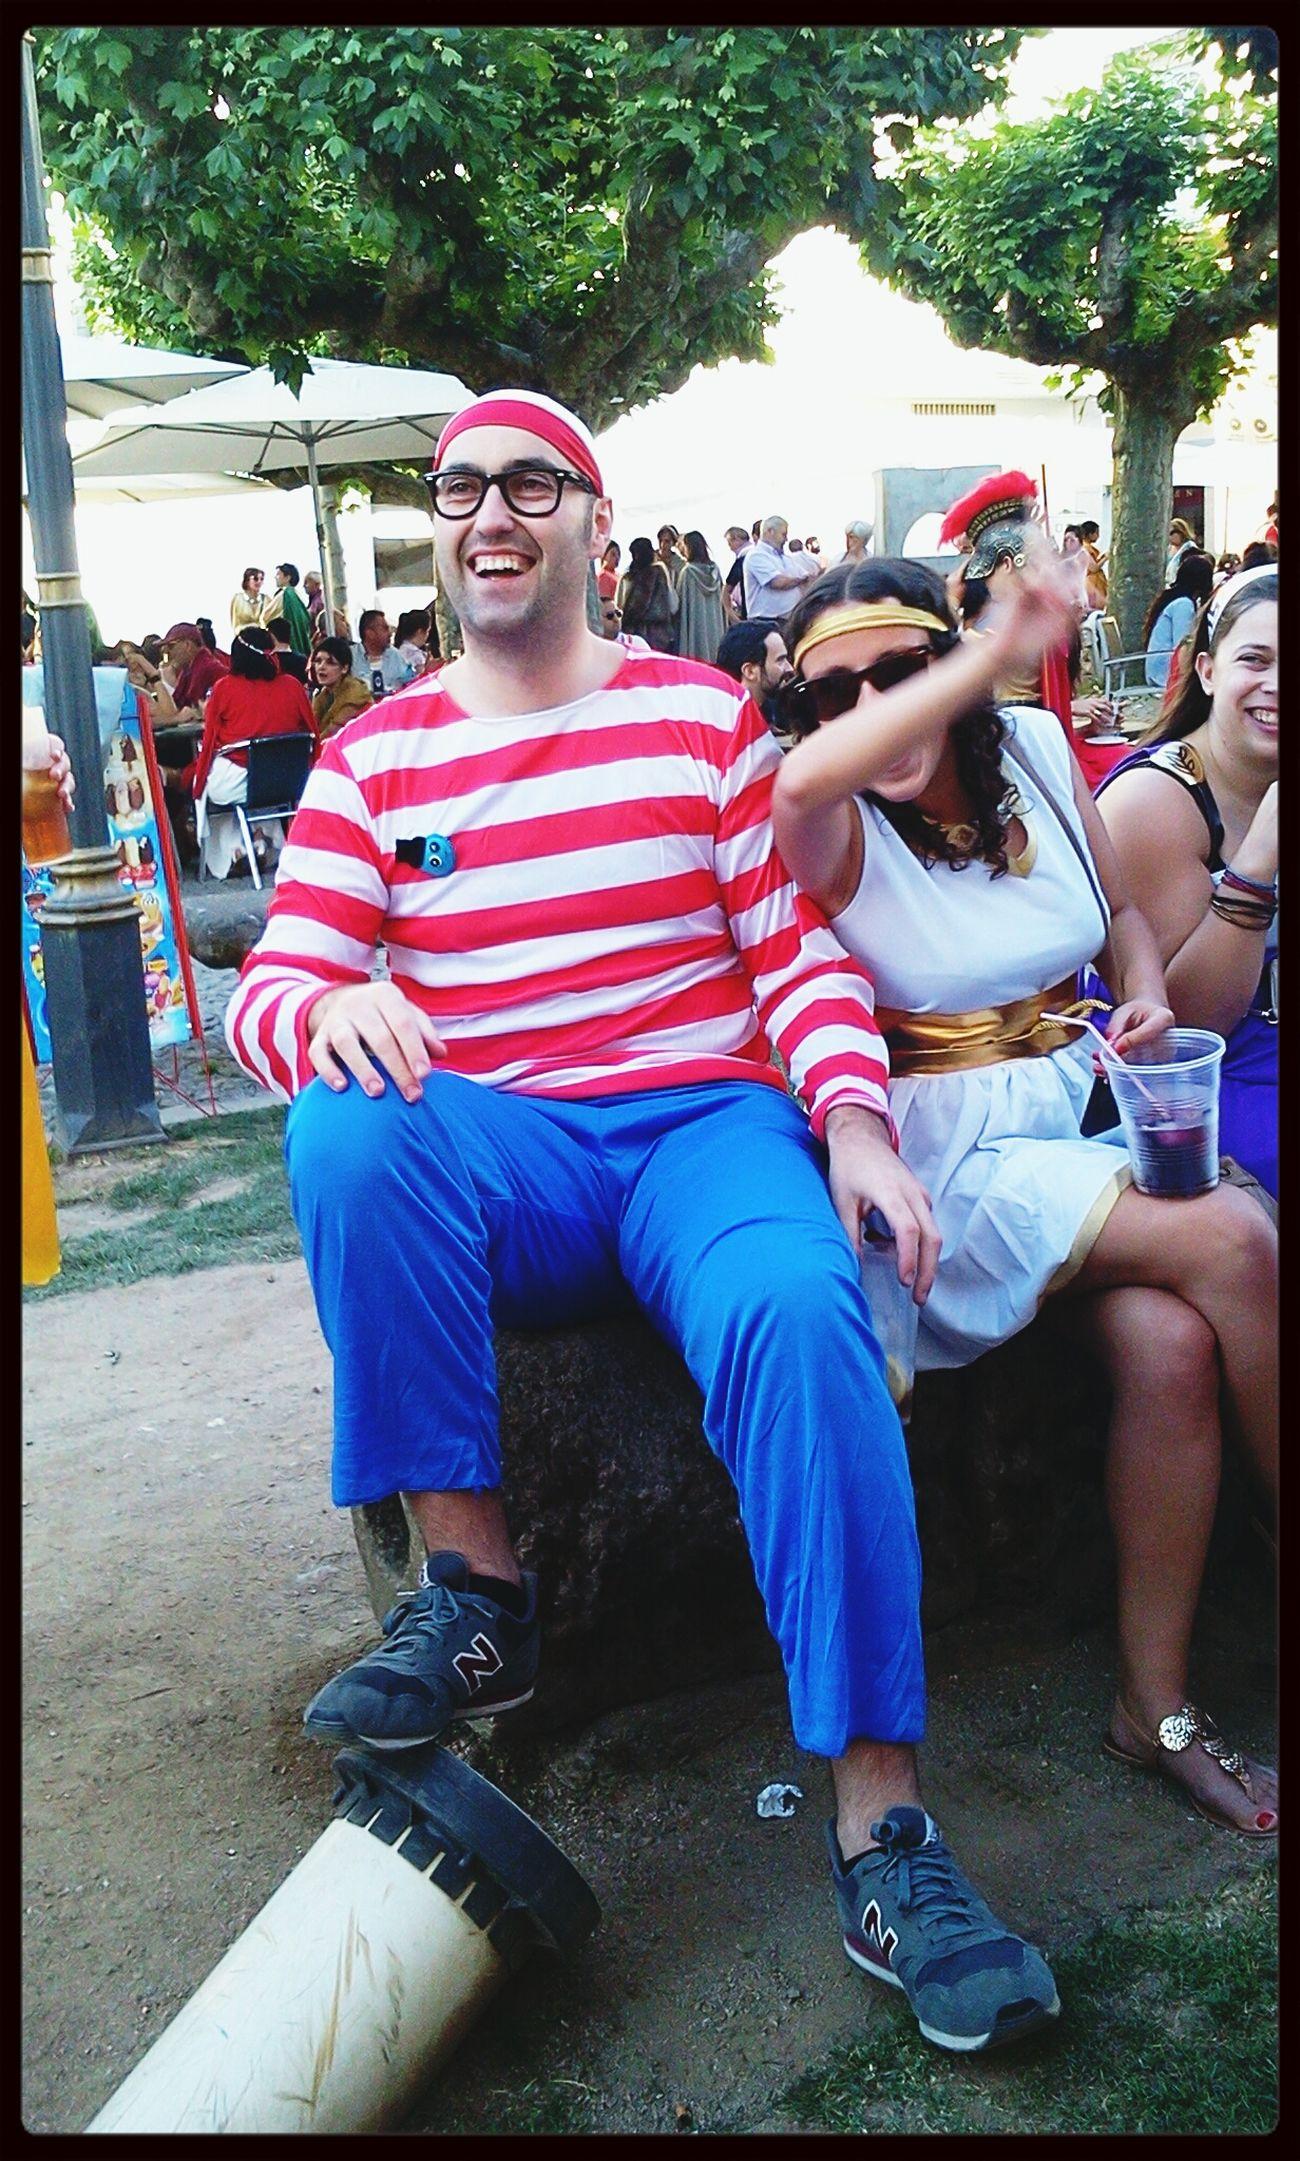 Wally! Encontré a Wally! Arde Lucus EyeEm Meetup ARDE LUCUS Where's Wally? Customs